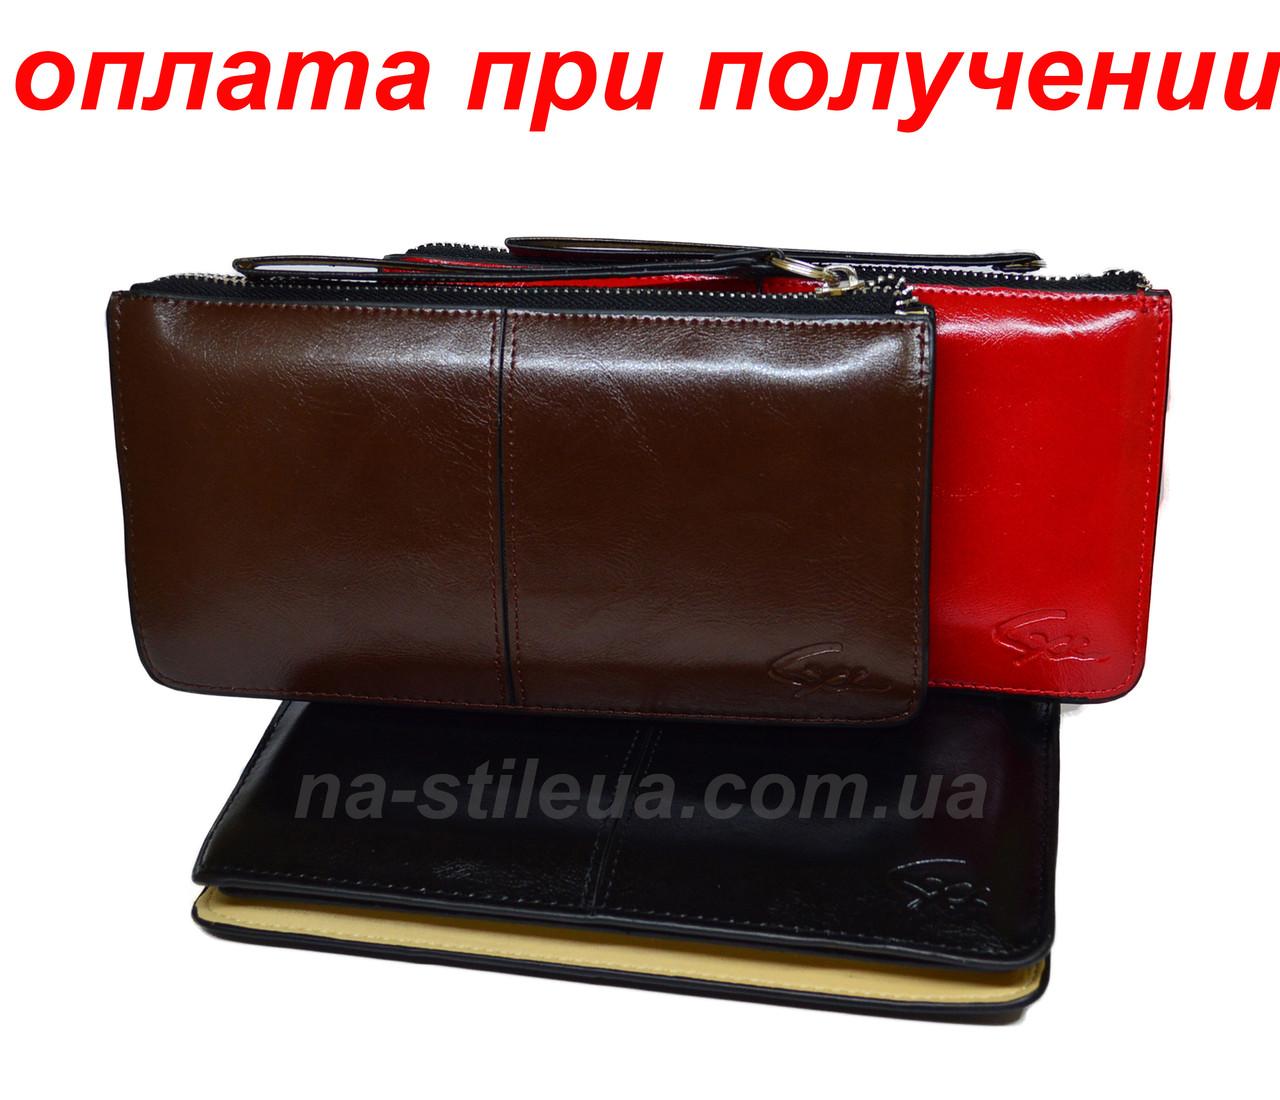 Жіночий шкіряний гаманець клатч сумка гаманець шкіряний Baellerry